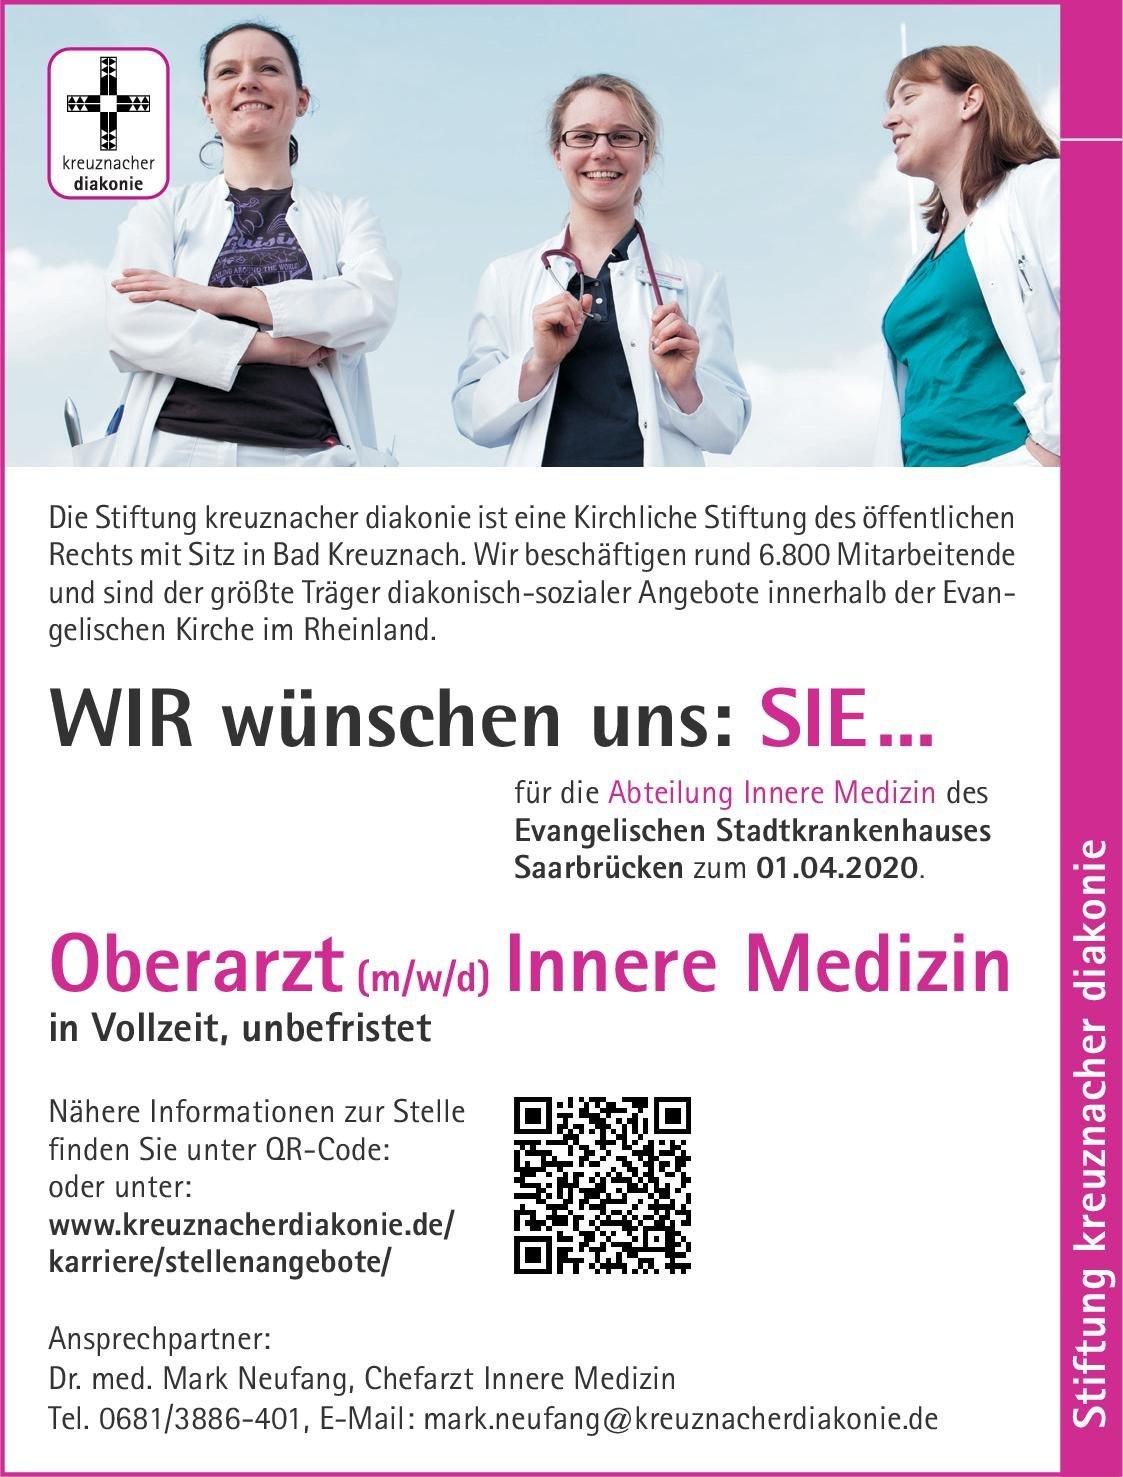 Stiftung kreuznacher diakonie - Evangelisches Stadtkrankenhauses Saarbrücken Oberarzt (m/w/d) Innere Medizin  Innere Medizin, Innere Medizin Oberarzt